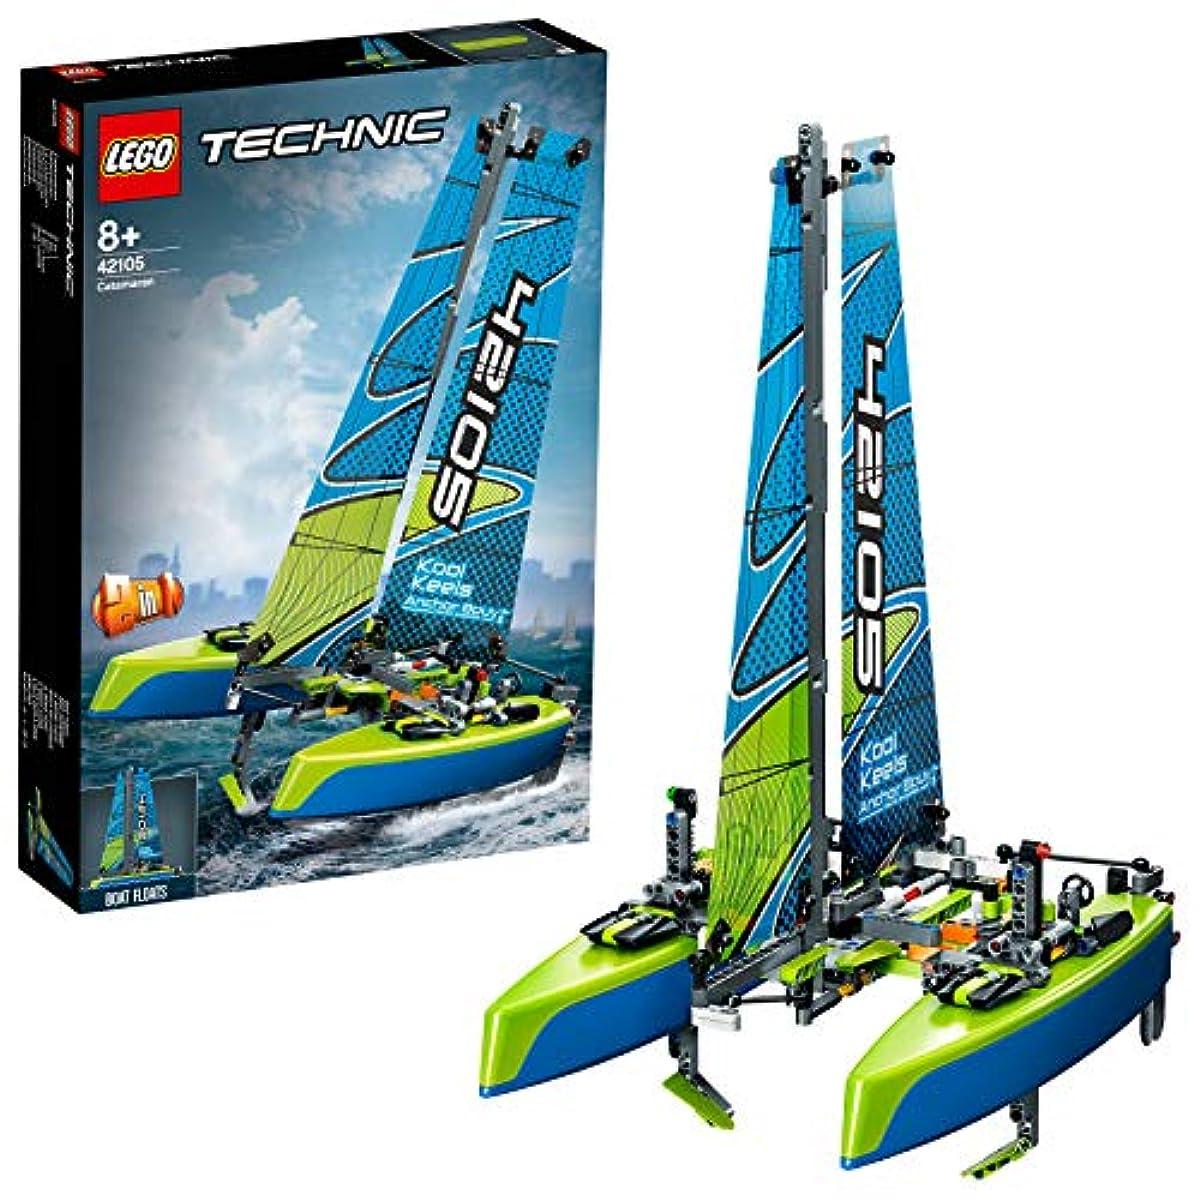 [해외] 레고(LEGO) 테크닉 카다마란욧토 42105